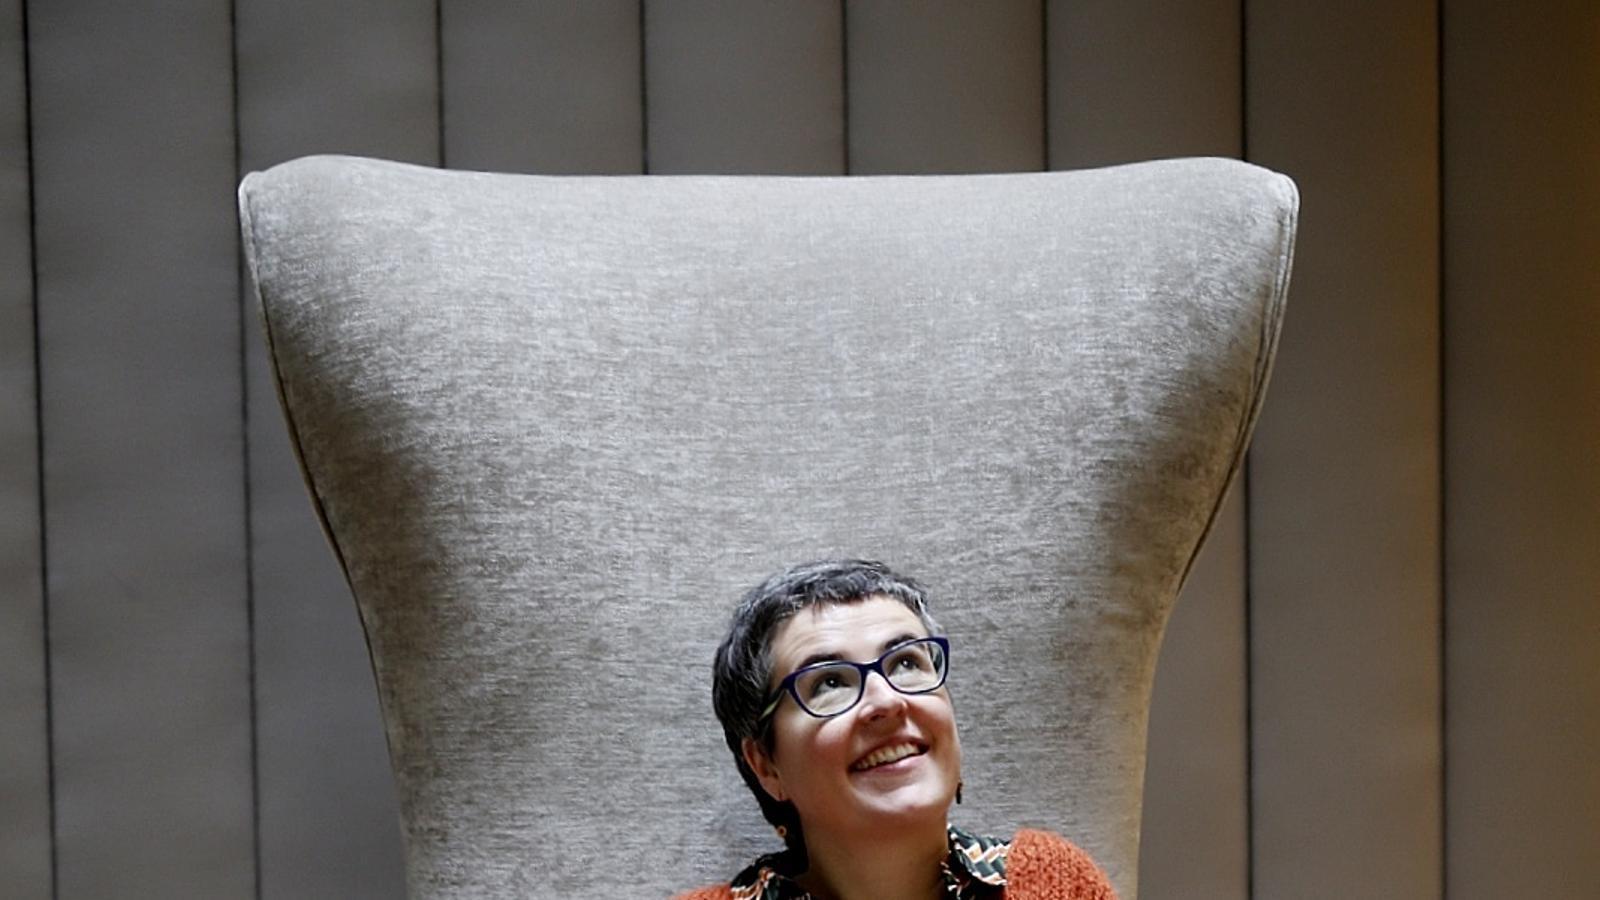 L'escriptora Anna Ballbona és la guanyadora de l'últim Premi Llibres Anagrama